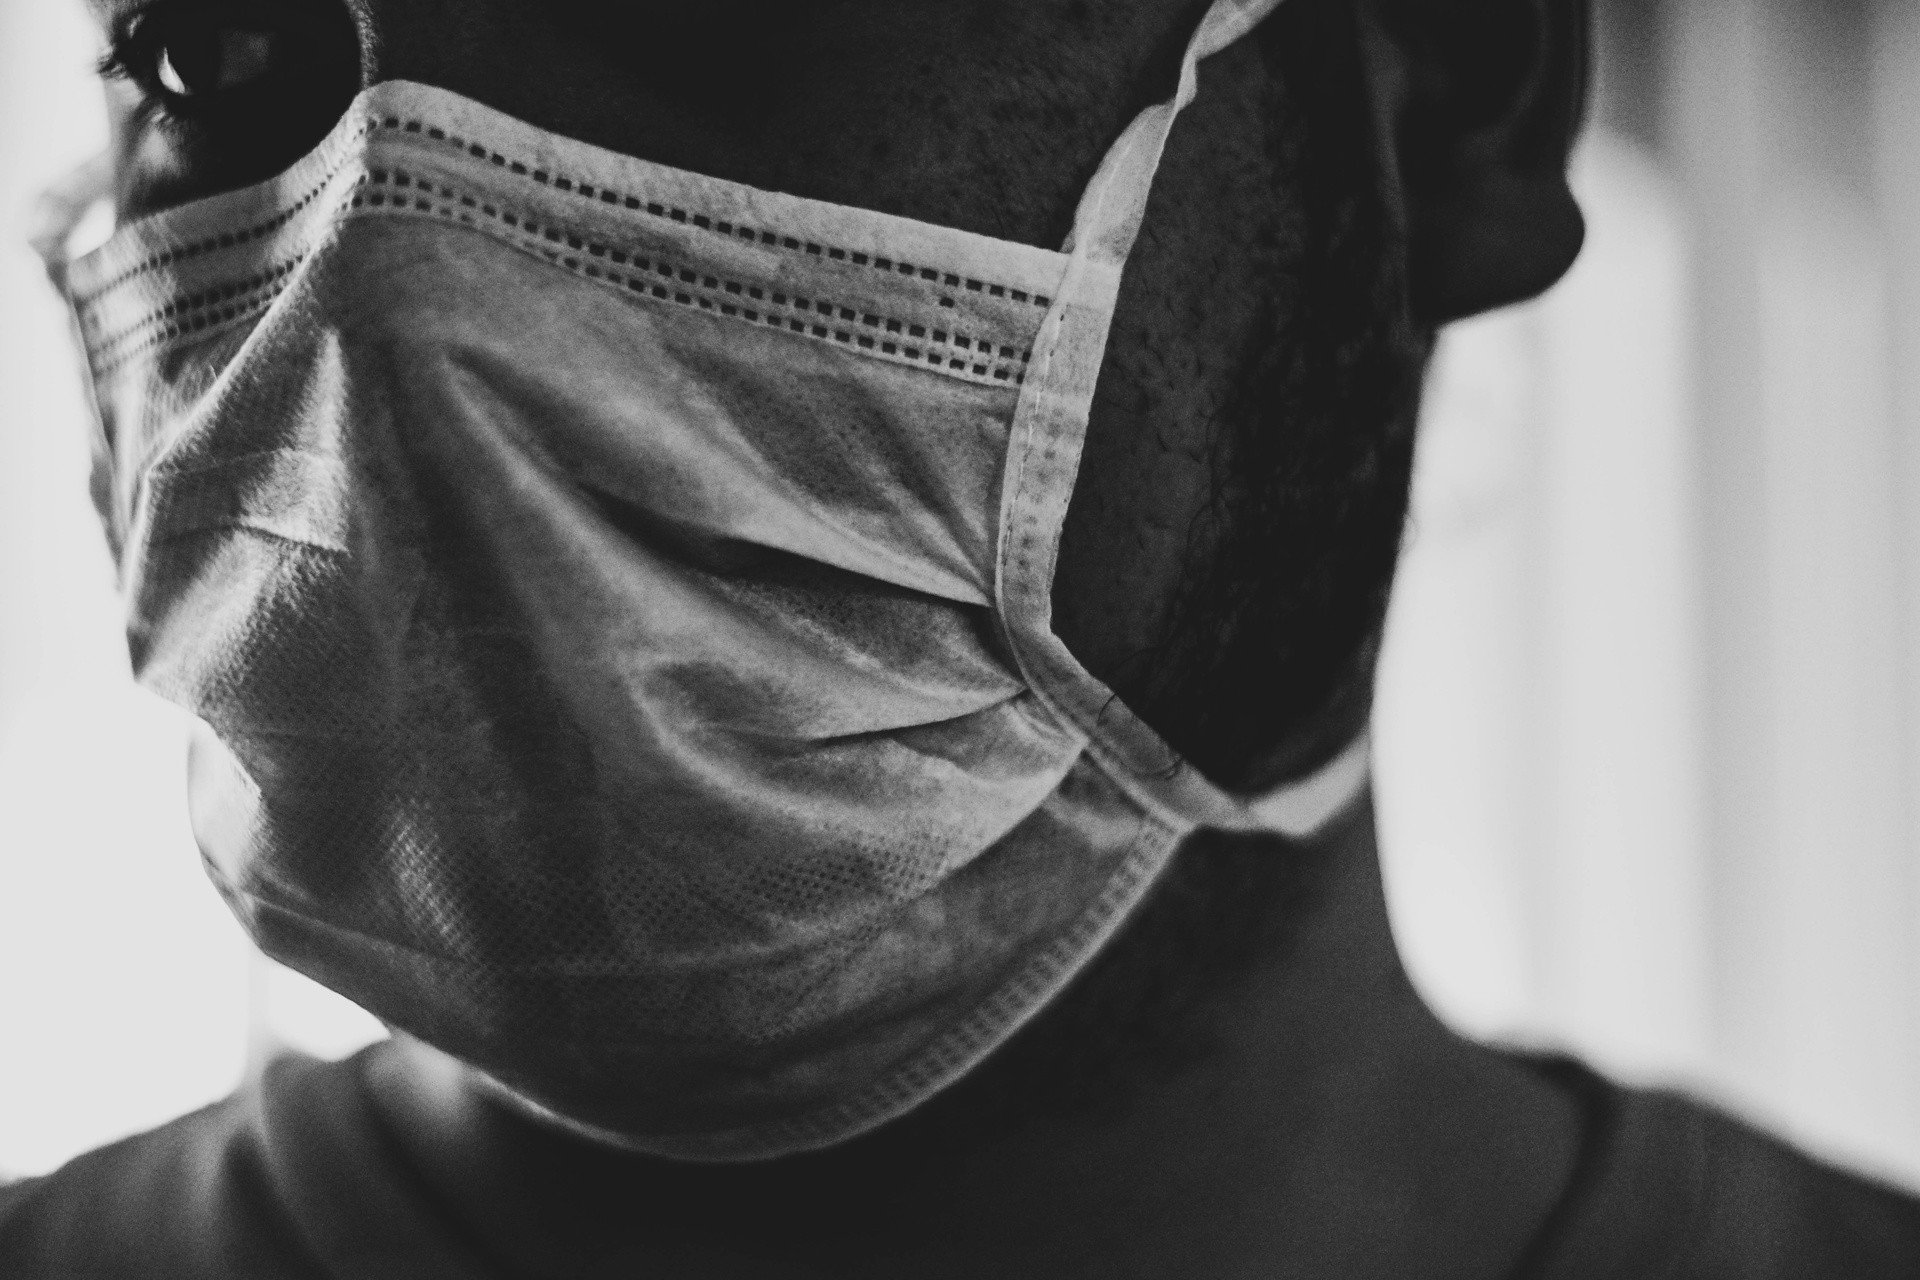 Maseczki ochronne - jak prać maseczki wielorazowe? Gdzie wyrzucać maseczki jednorazowe? | Gazeta Pomorska